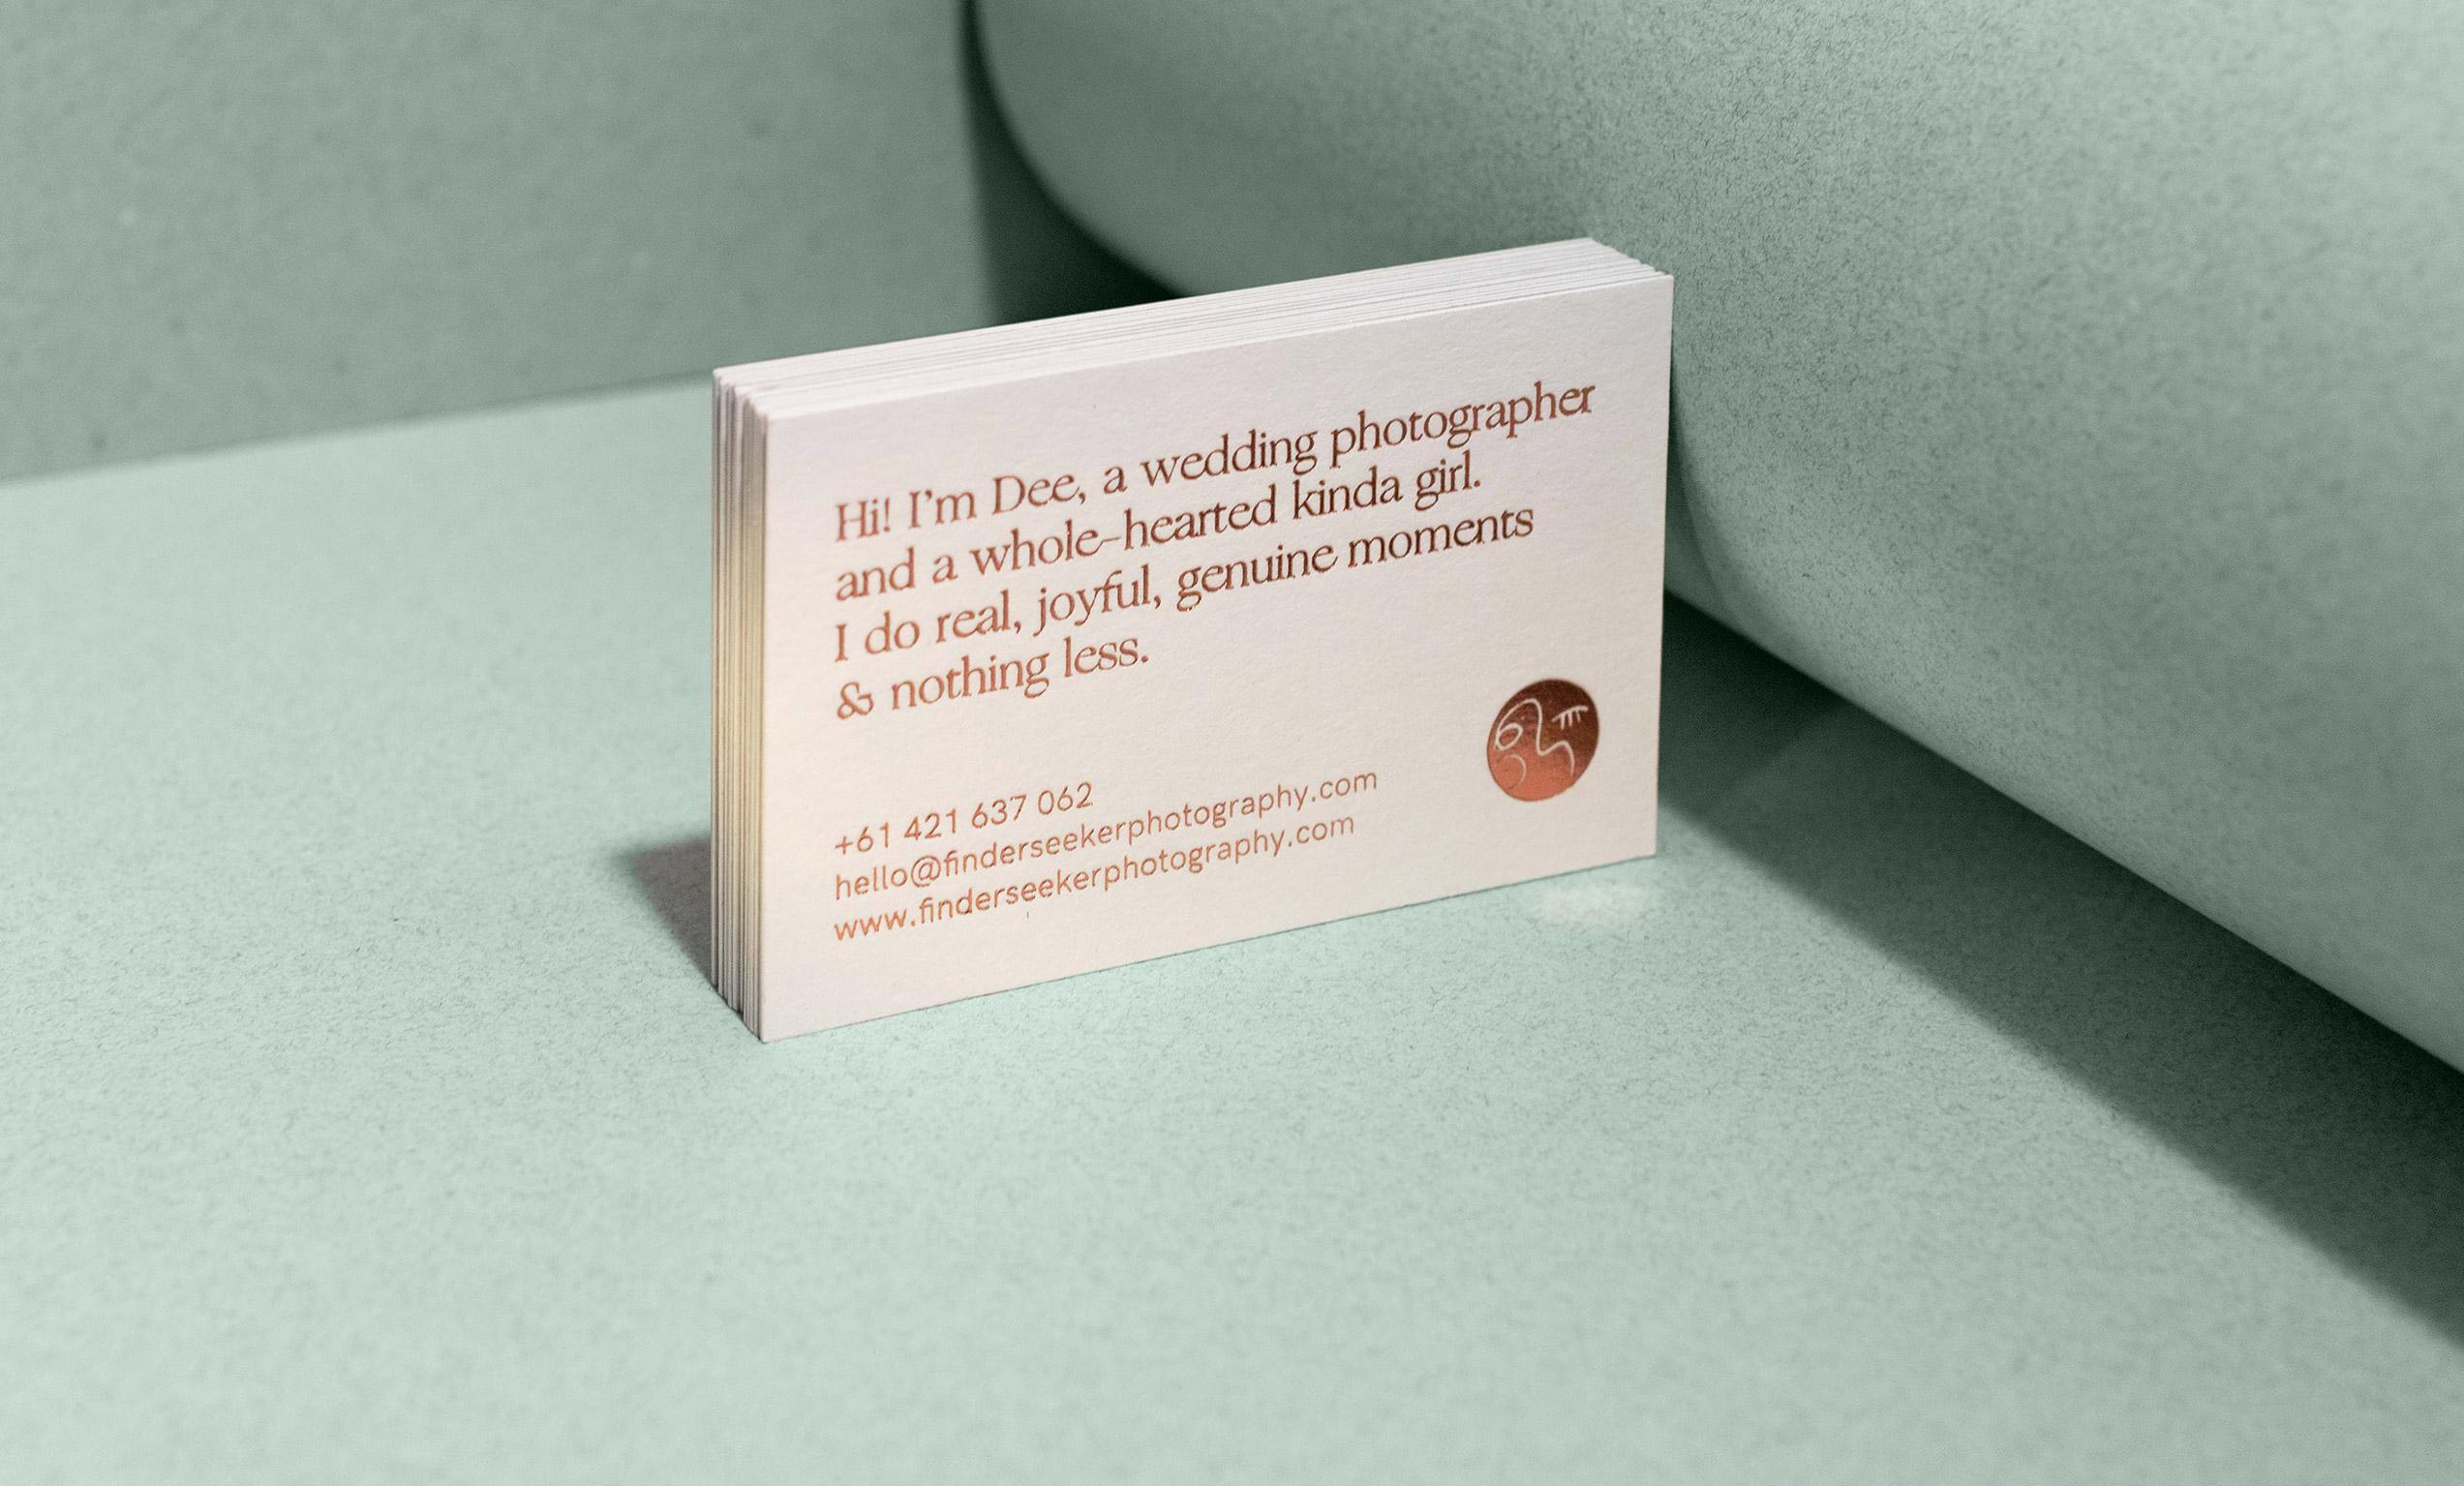 Finder Seeker, Branding for a Wedding Photographer